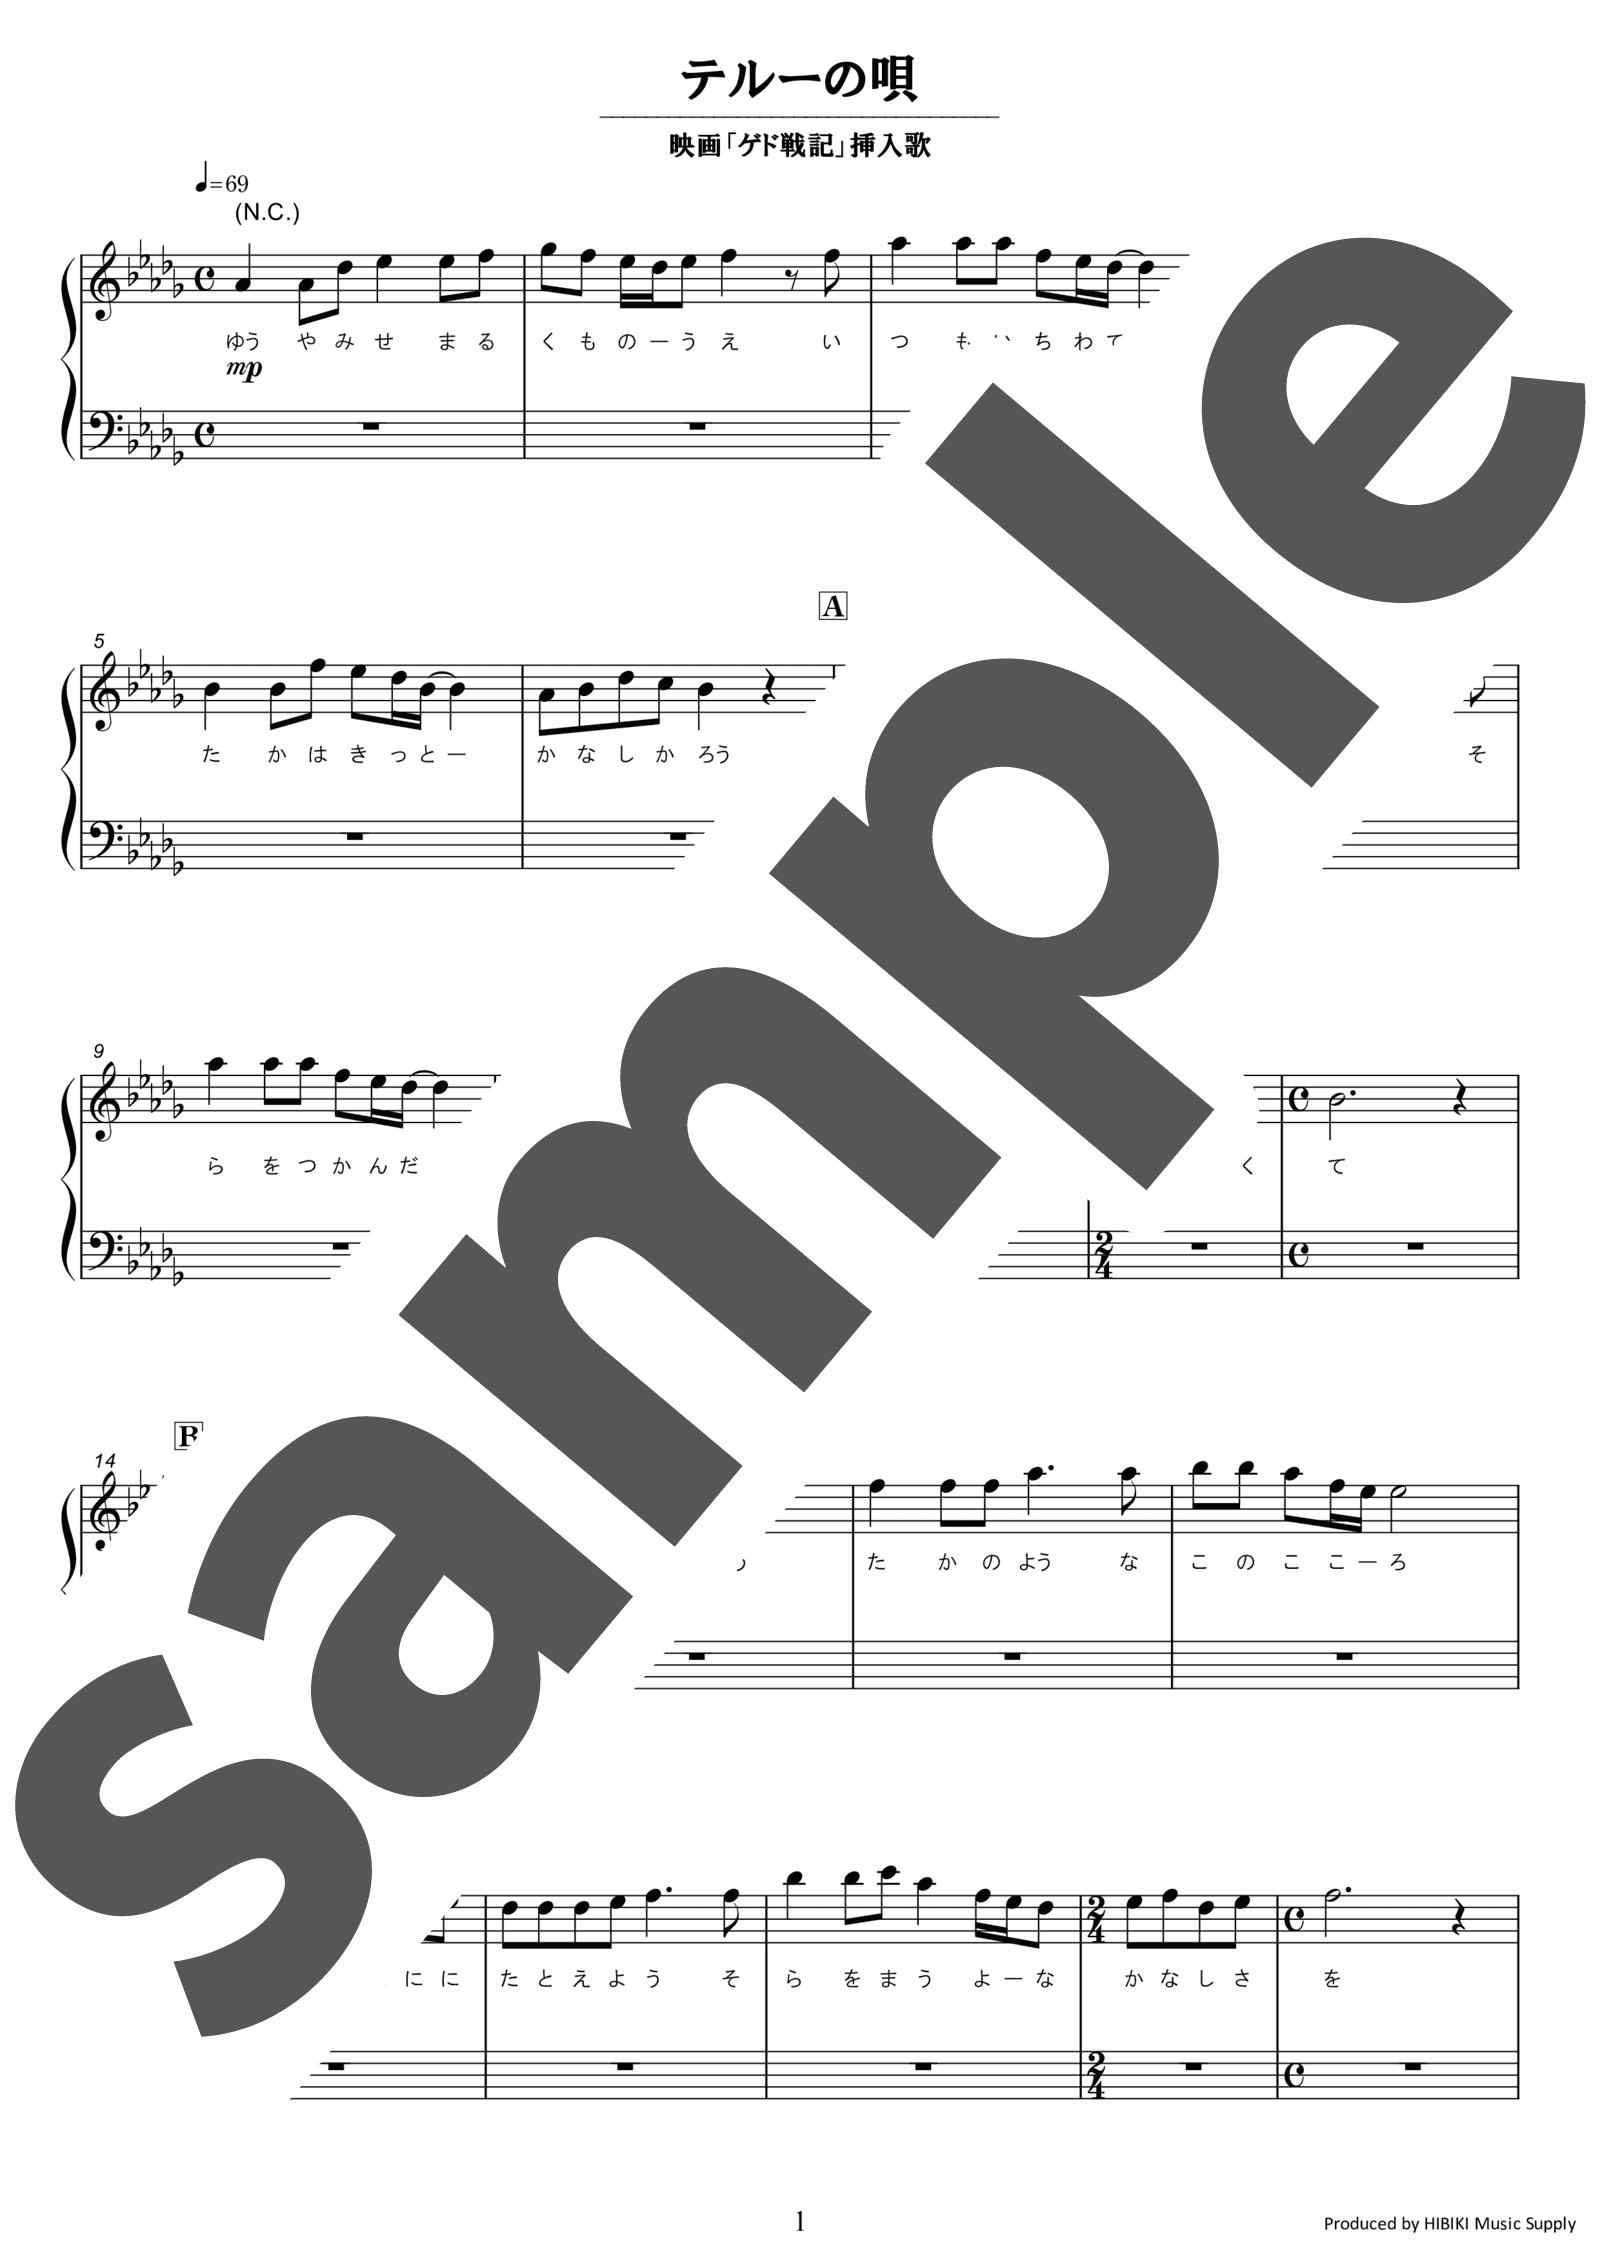 「テルーの唄」のサンプル楽譜